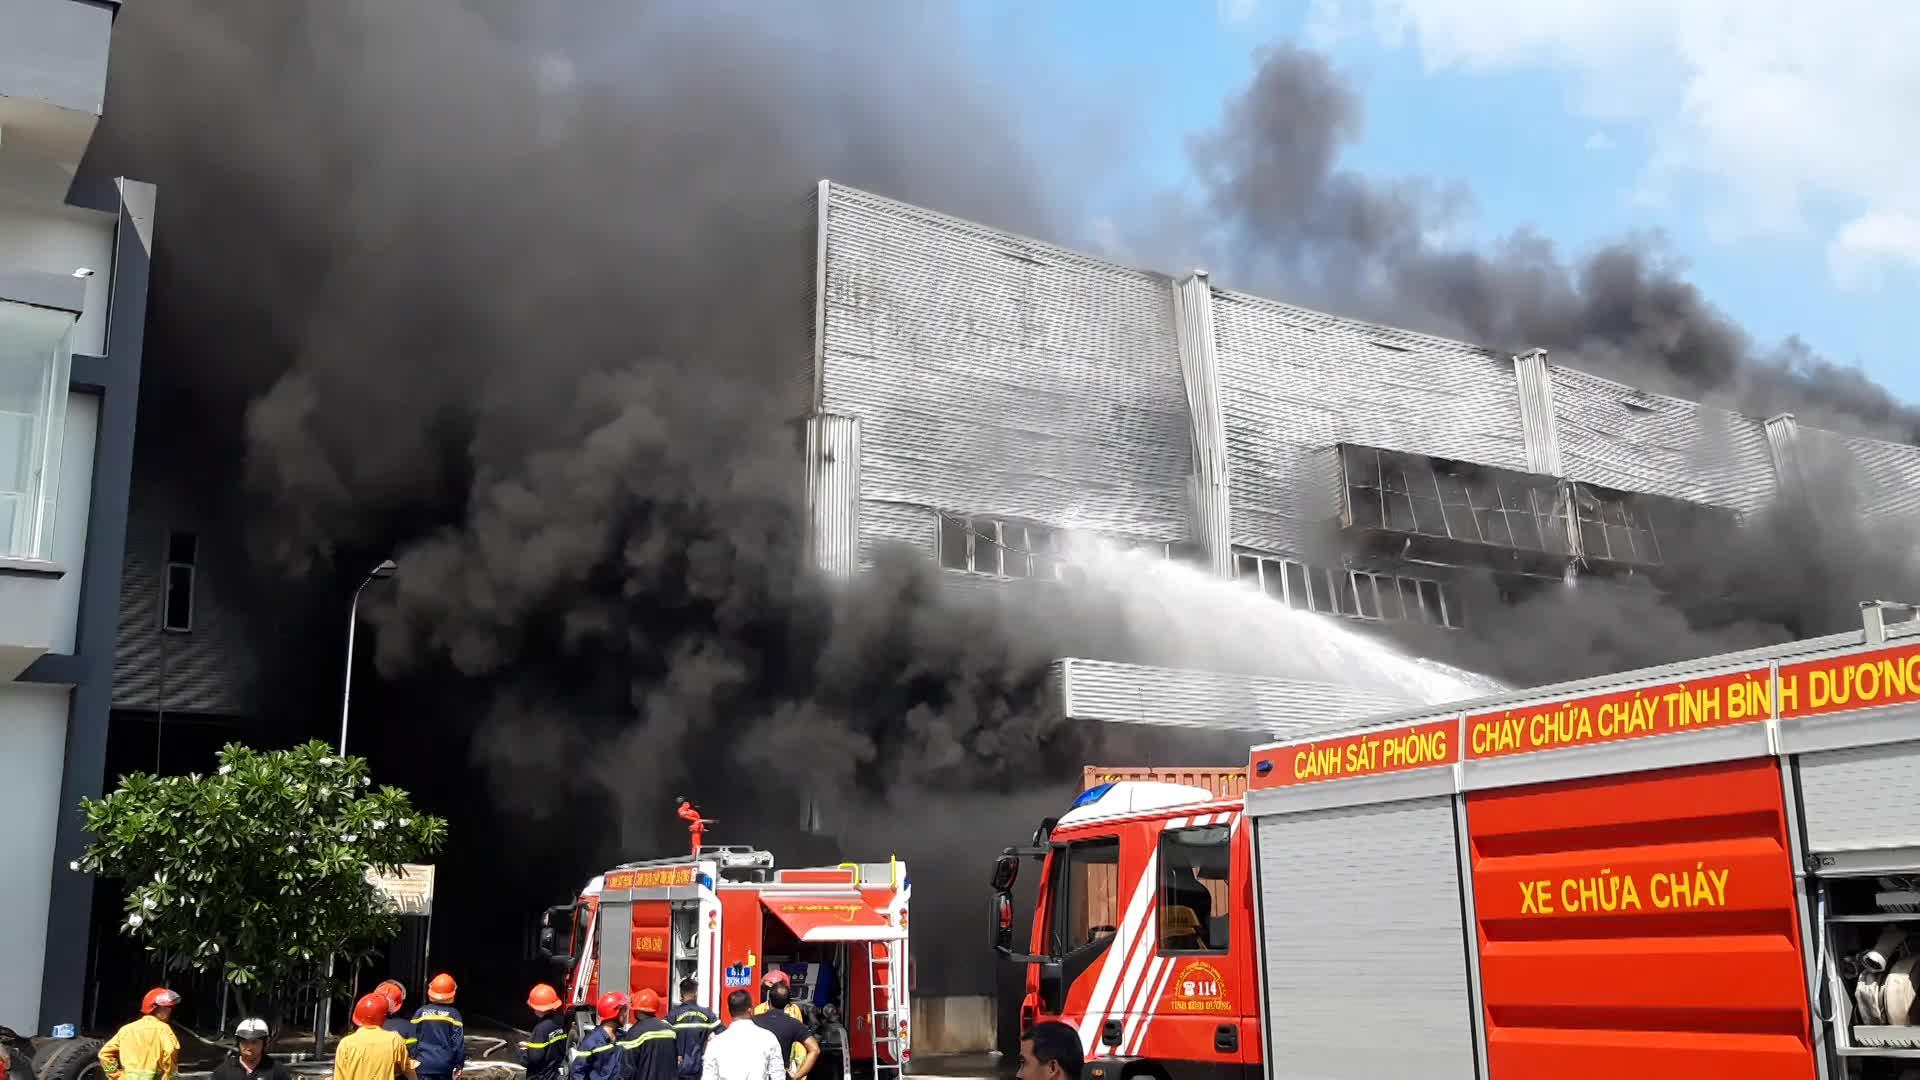 Đang cháy lớn ở nhà xưởng rộng nghìn mét vuông tại KCN ở Bình Dương